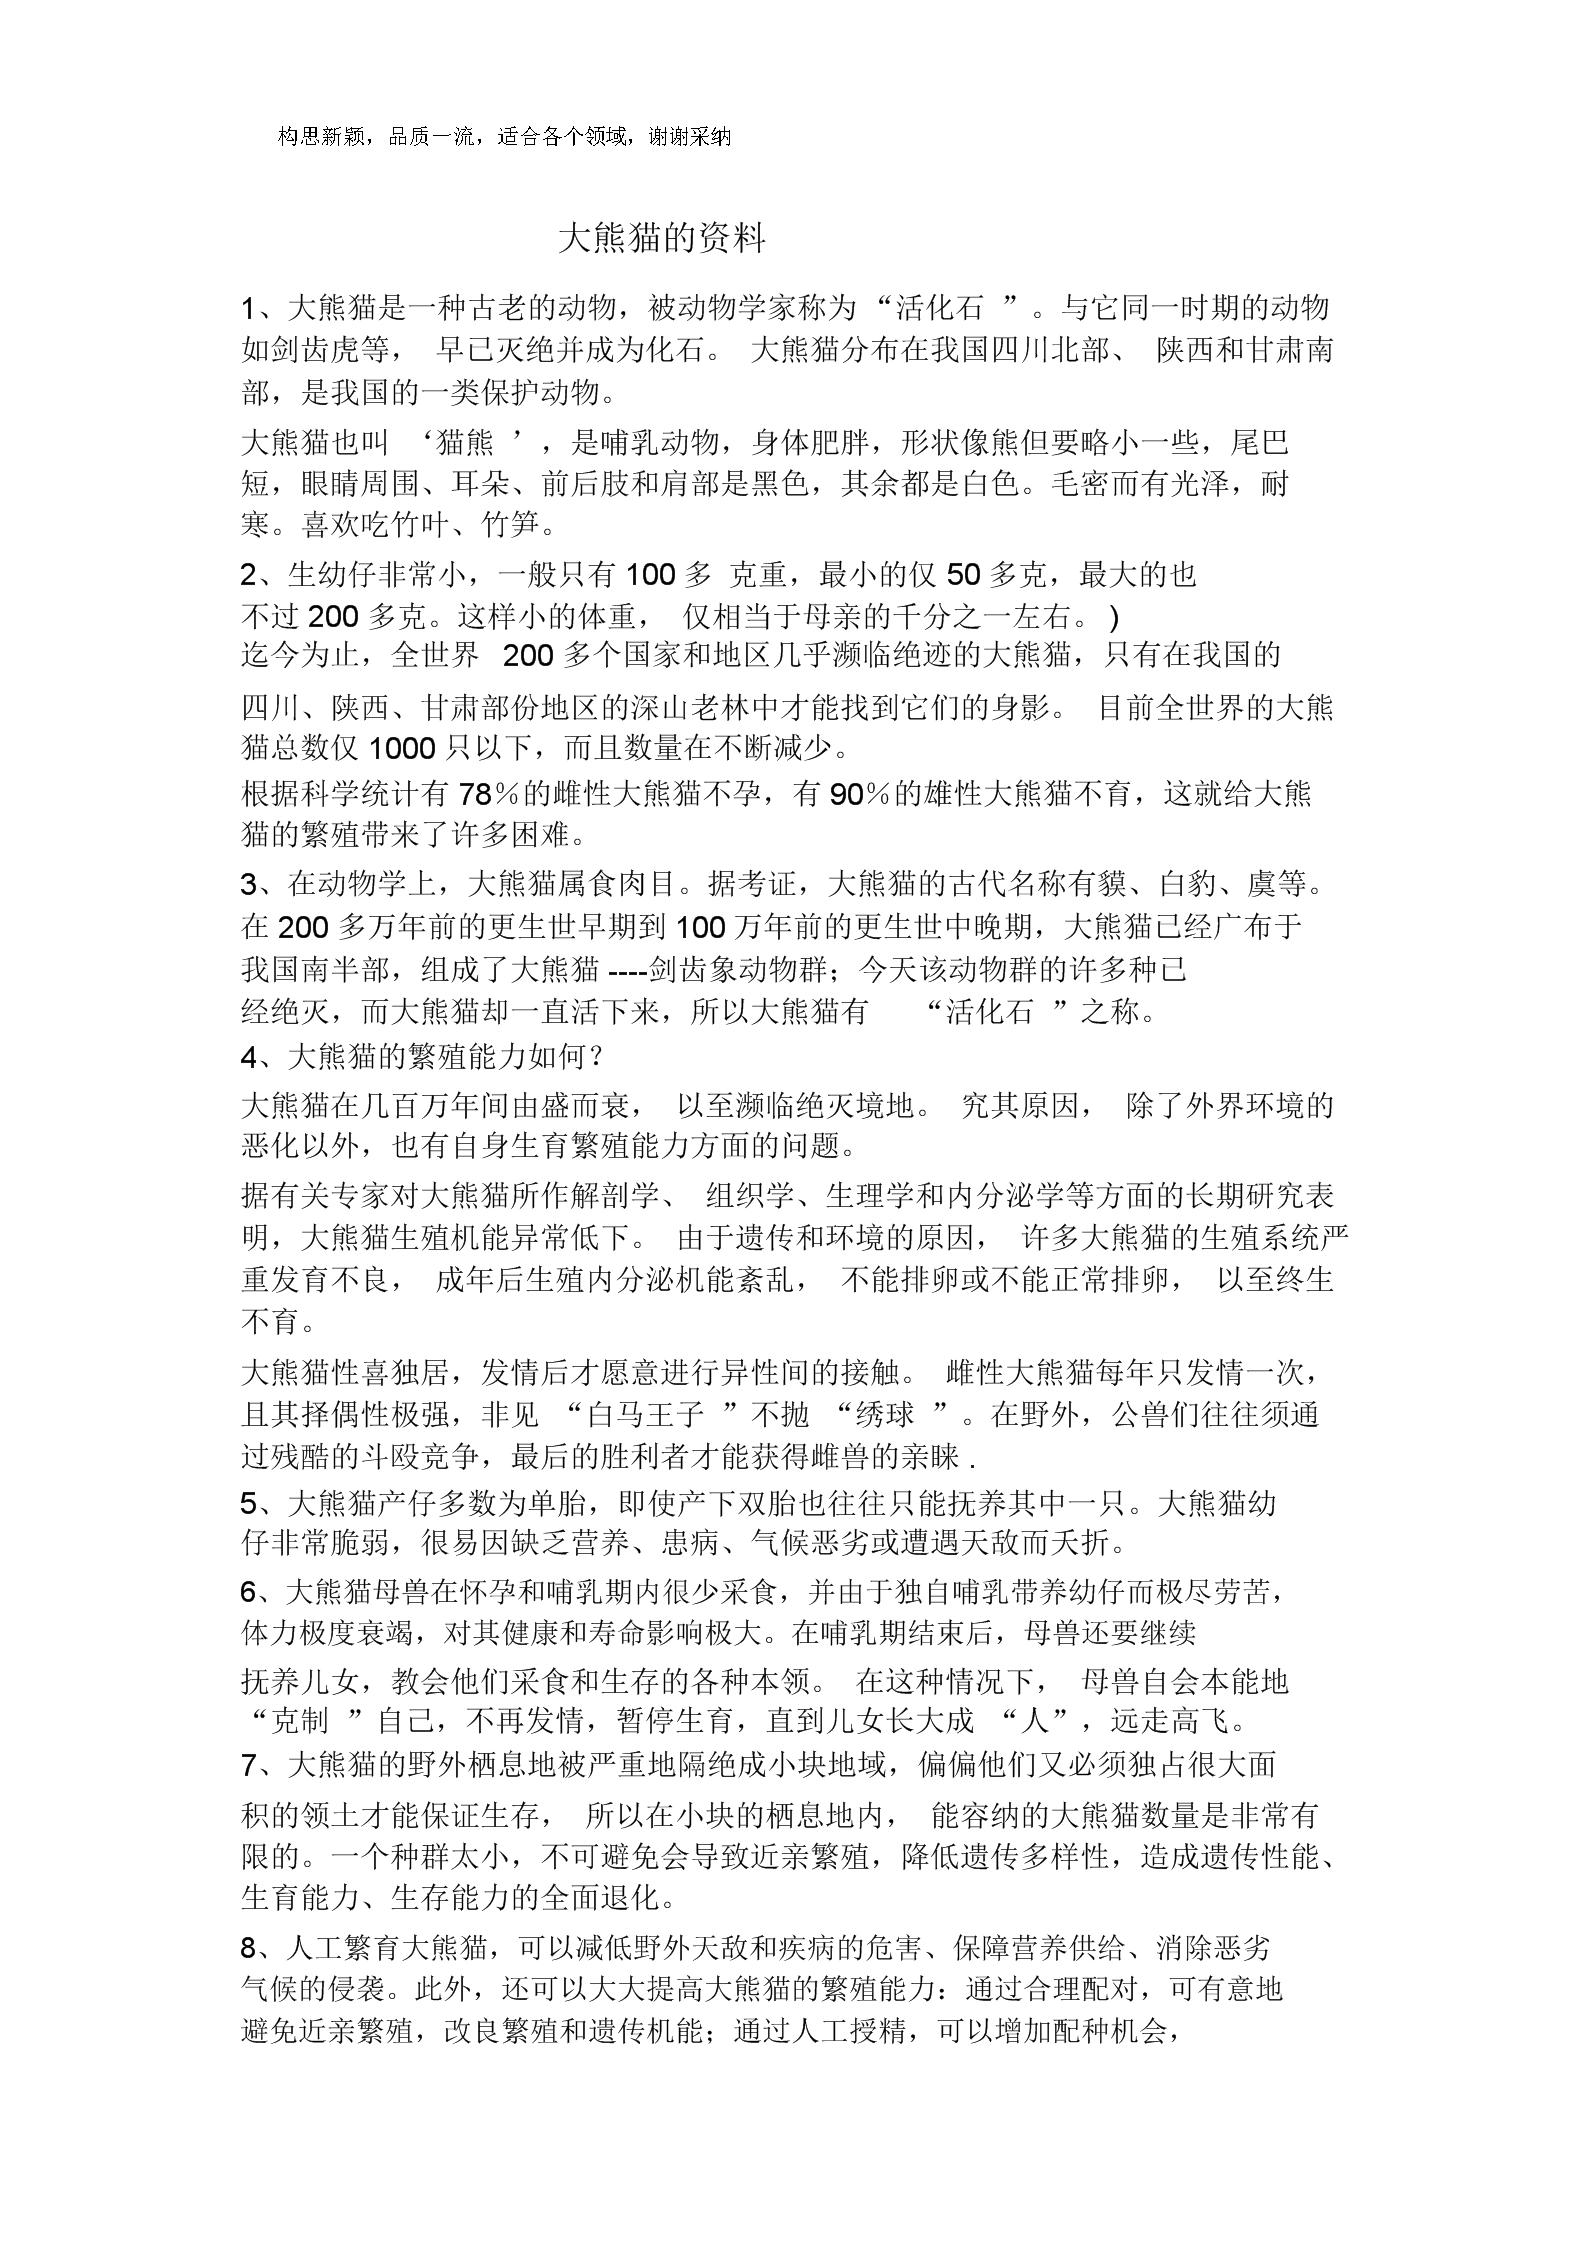 大熊猫的资料-能猫之料.docx